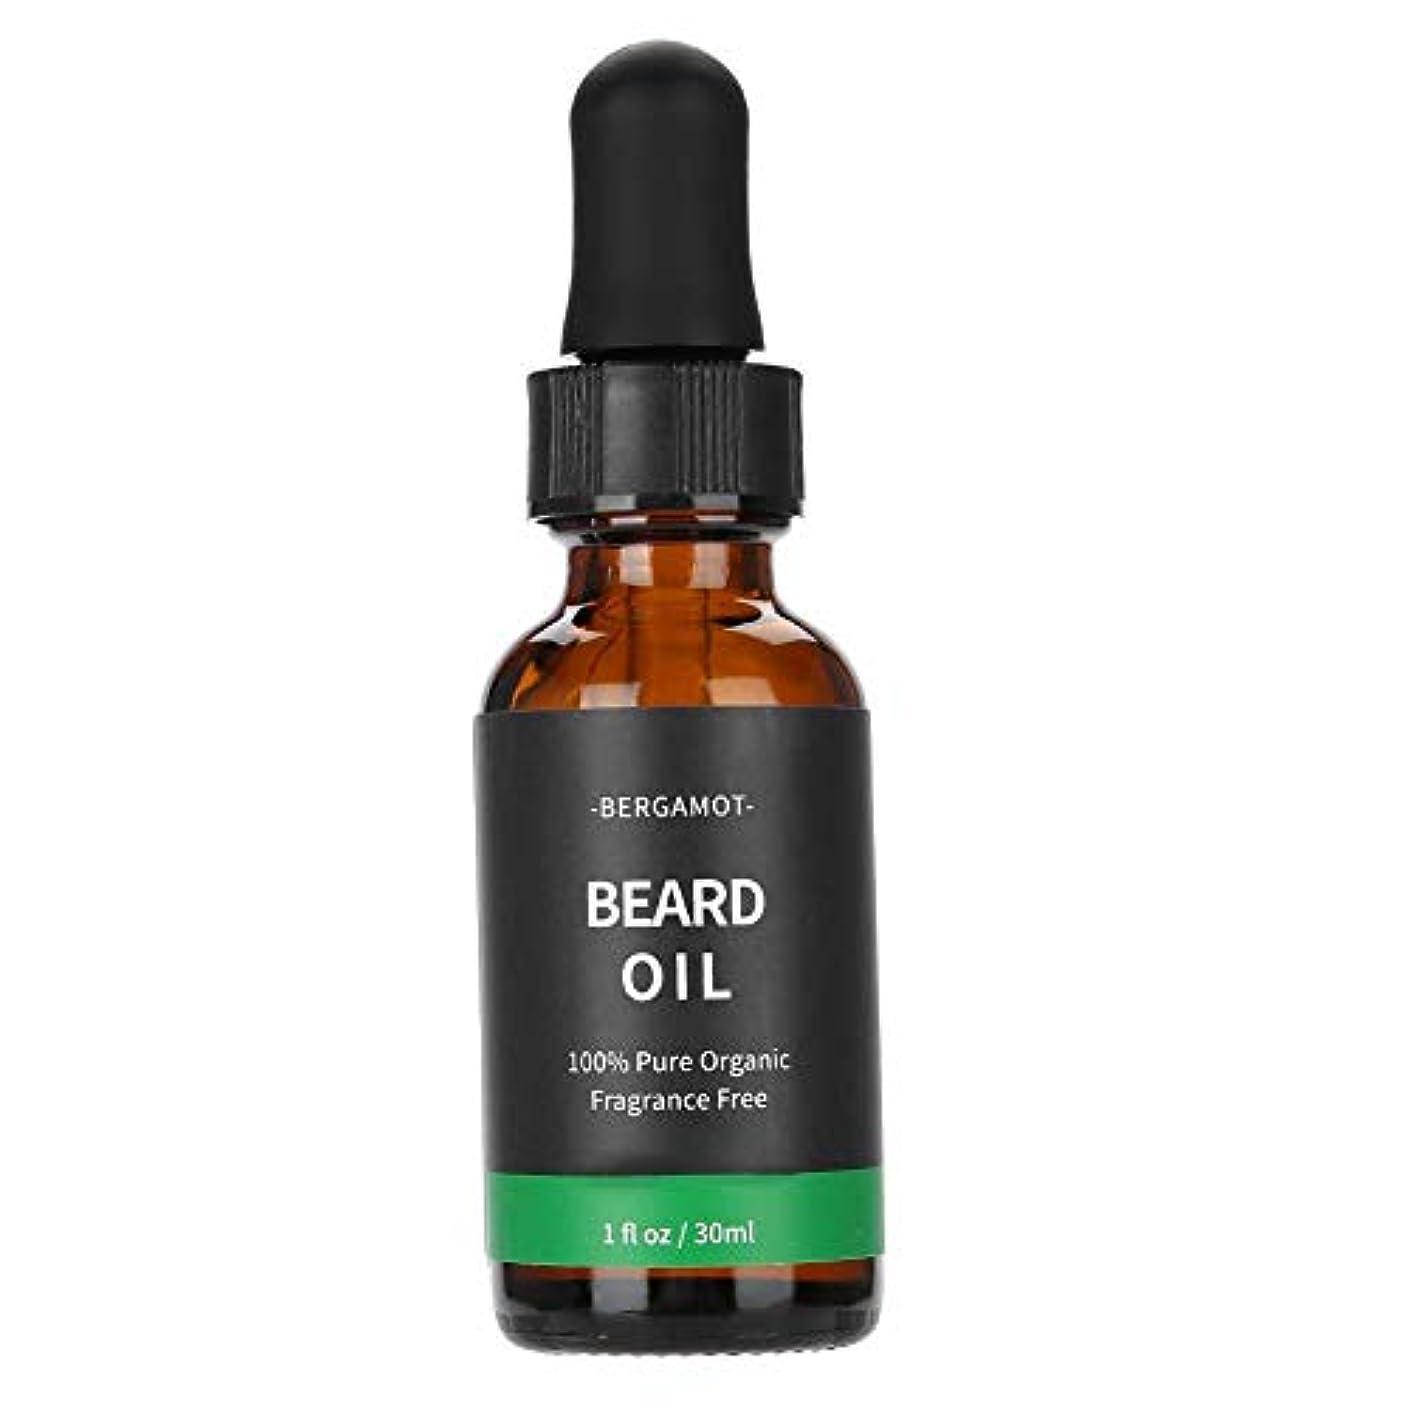 遵守する正当化する自動車ひげのコンディショナーおよびオイル、ふけを減らすためのアルガンオイルおよびヒマラヤスギオイルが含まれています男性のためのひげおよび口ひげを柔らかくし、増強します